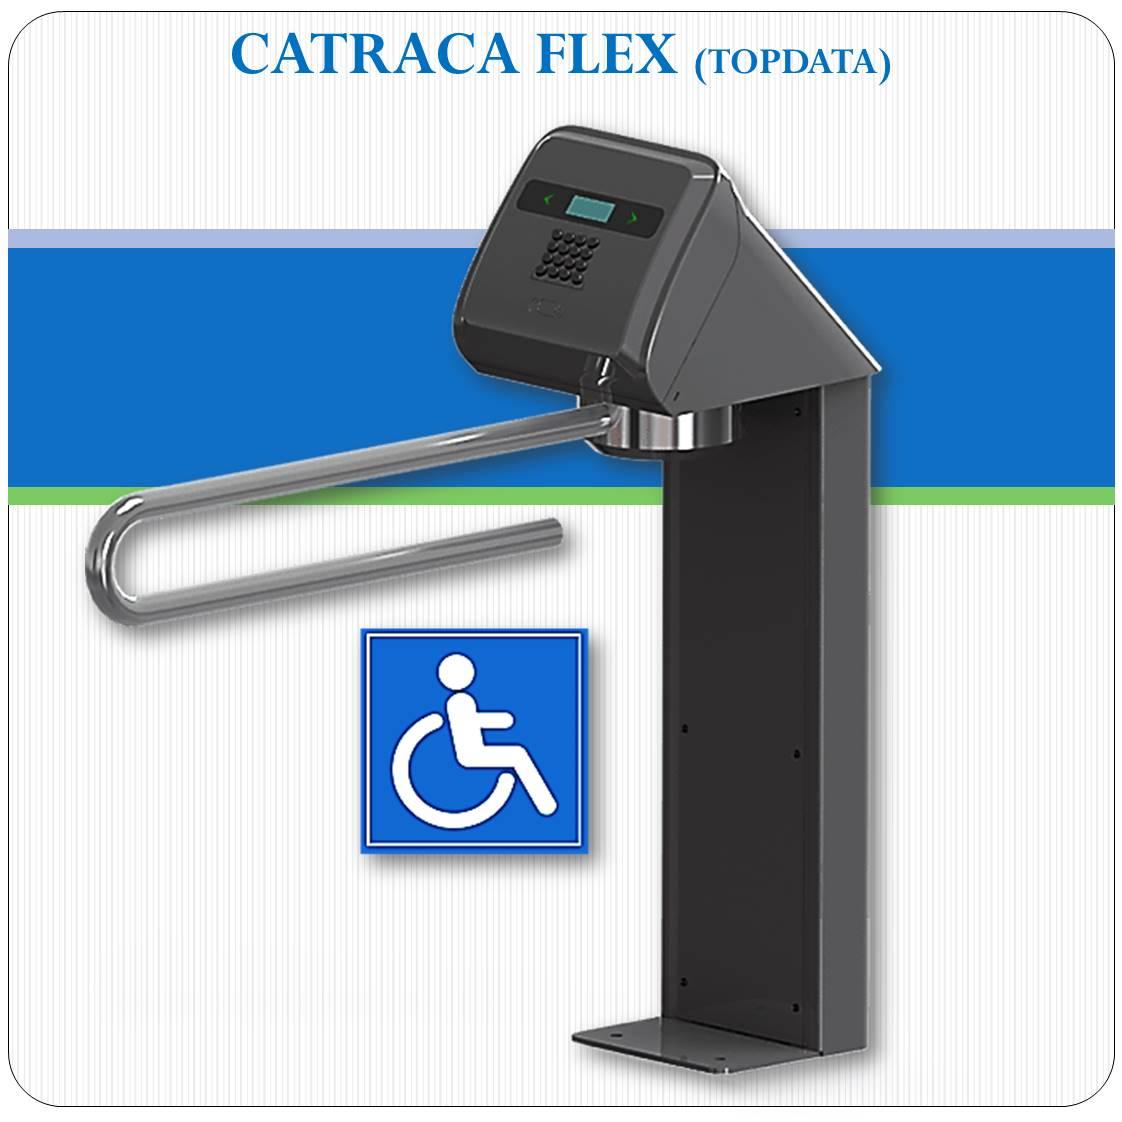 Catraca Flex PNE